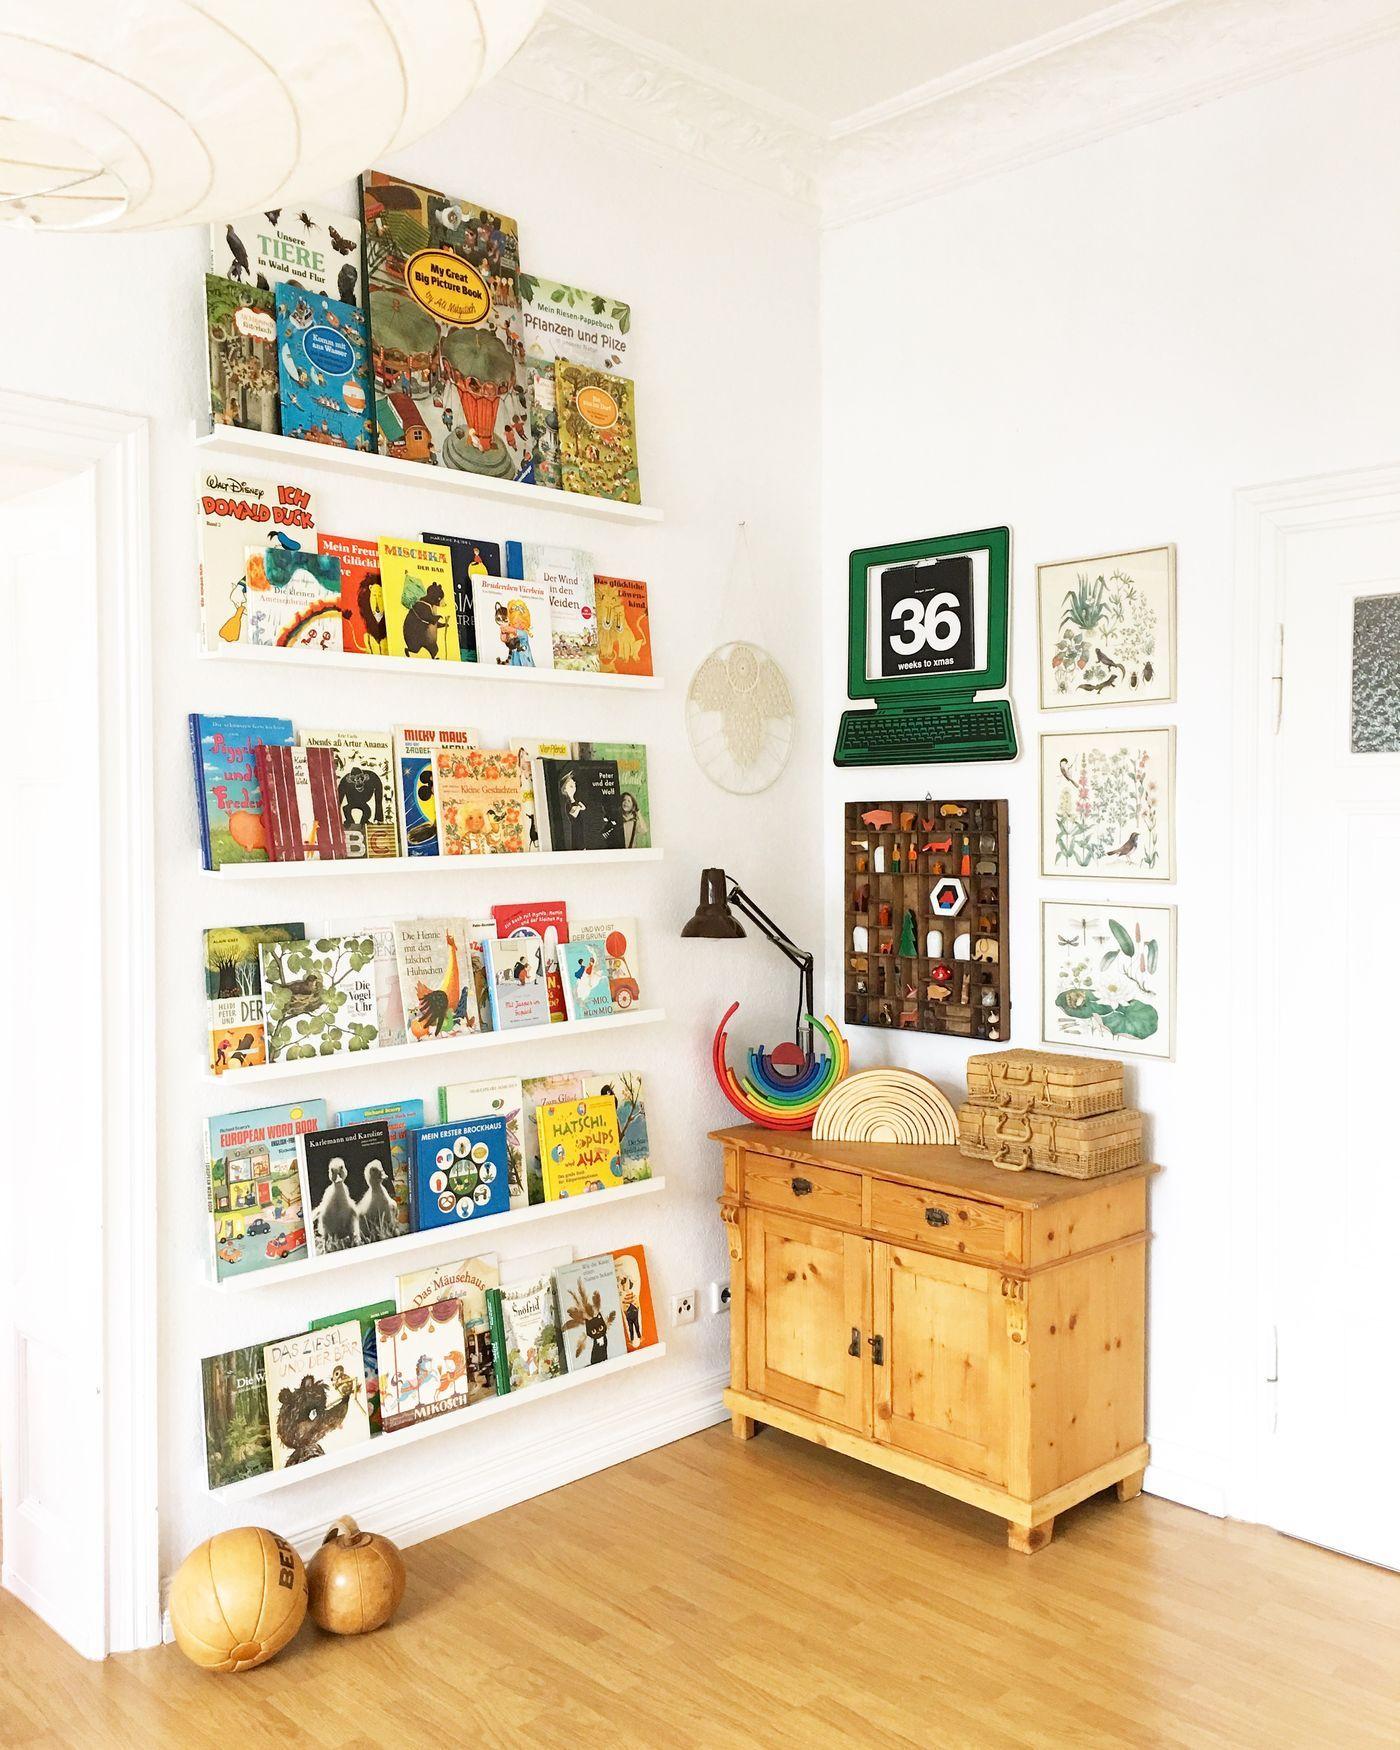 die sch nsten ideen f r dein kinderzimmer seite 5. Black Bedroom Furniture Sets. Home Design Ideas